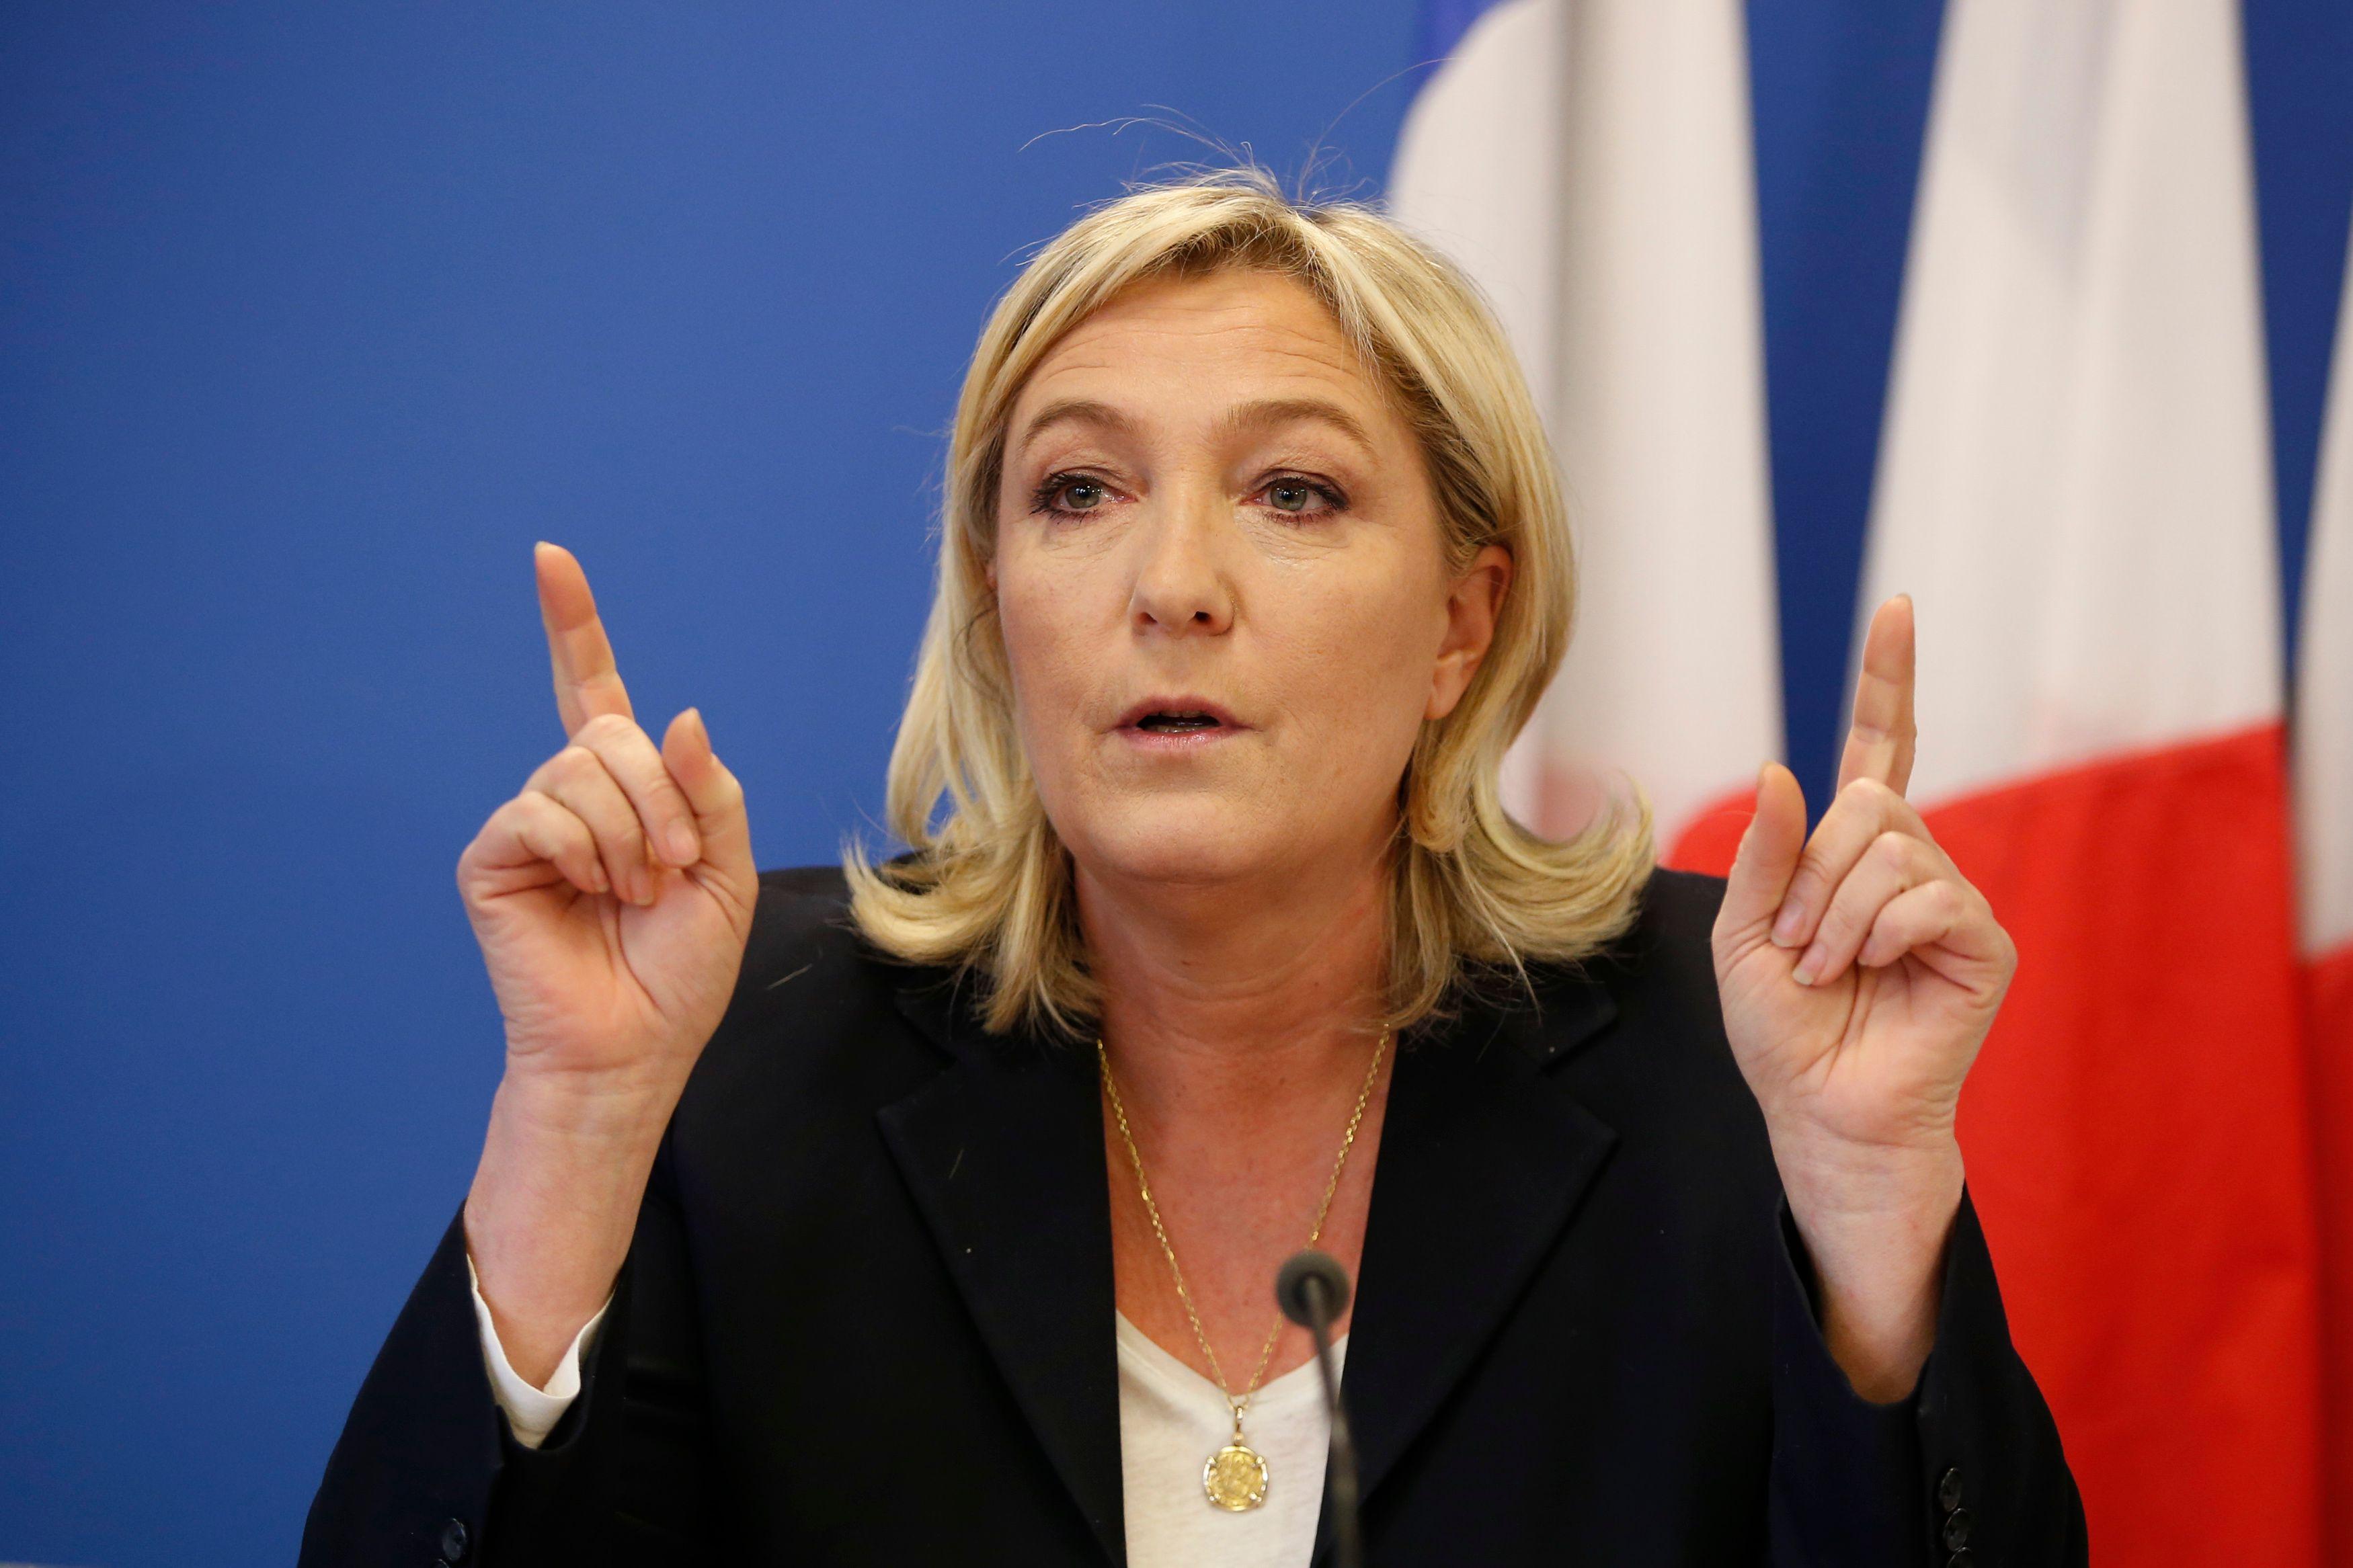 """Le Front national convoque """"quelques dizaines de candidats"""" en commission de discipline pour des dérapages pendant la dernière campagne électorale"""